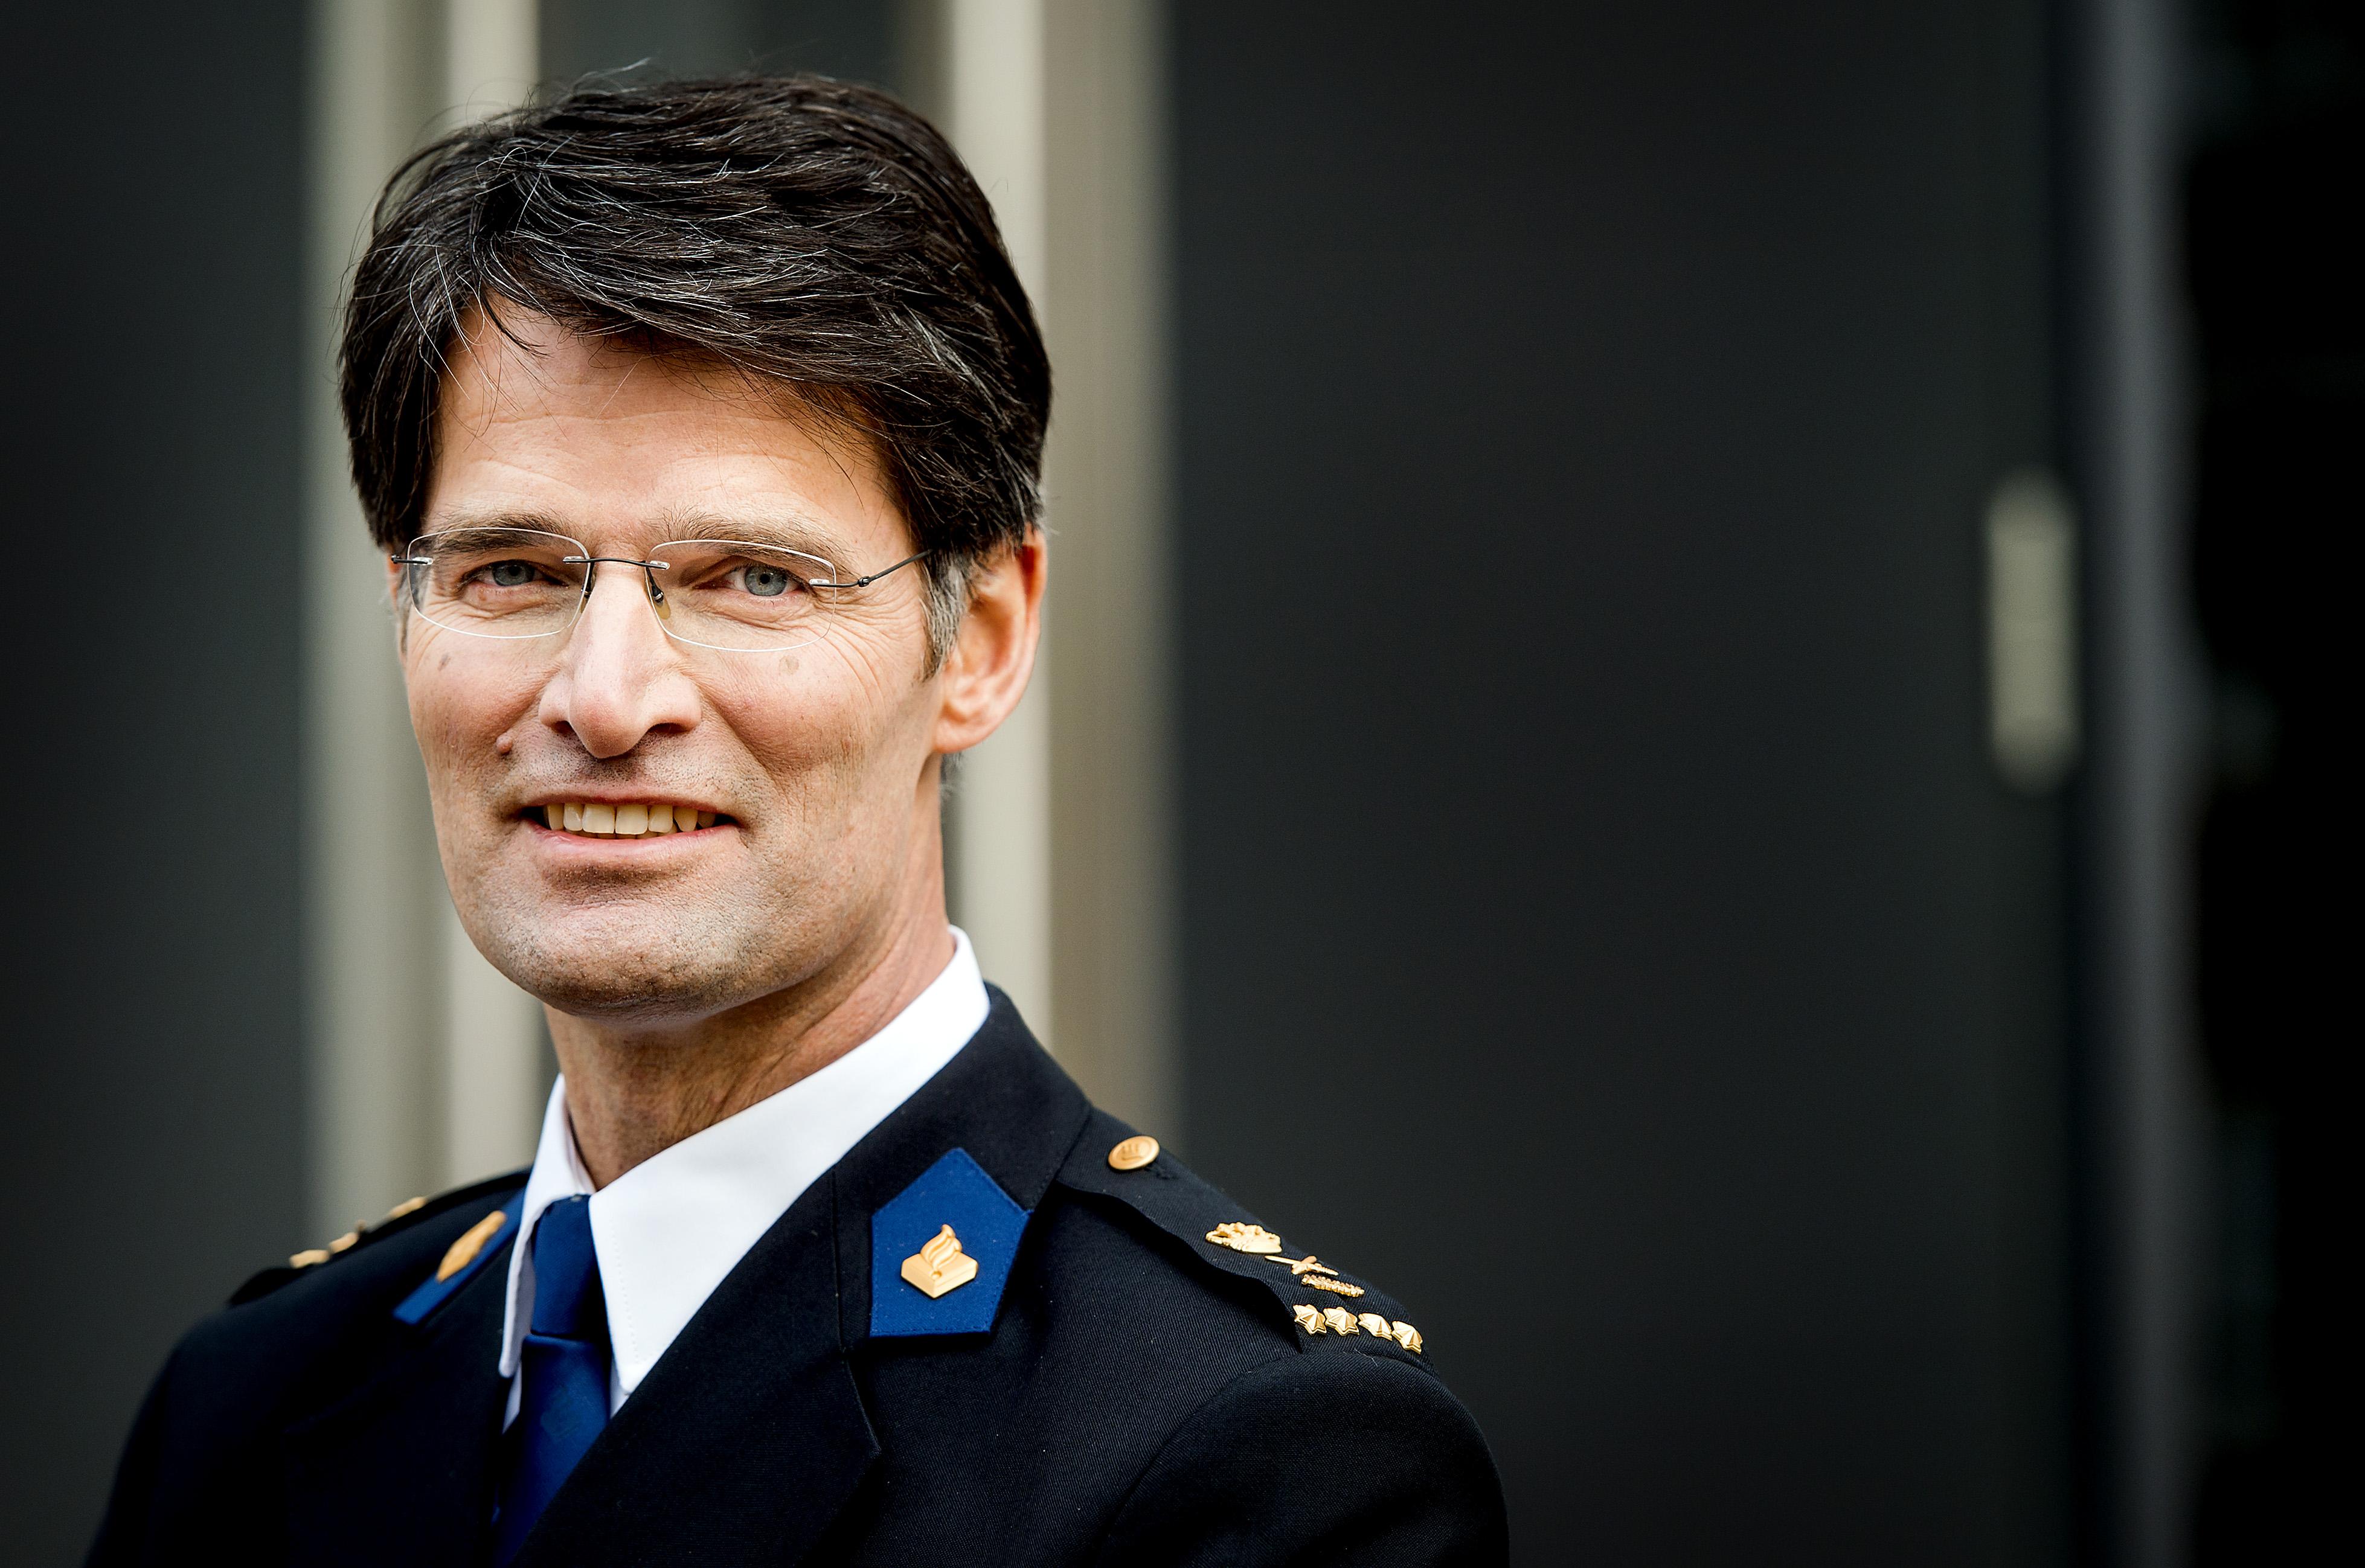 Portret van Erik Akerboom, korpschef van de Nationale Politie. Foto: ANP / Koen van Weel